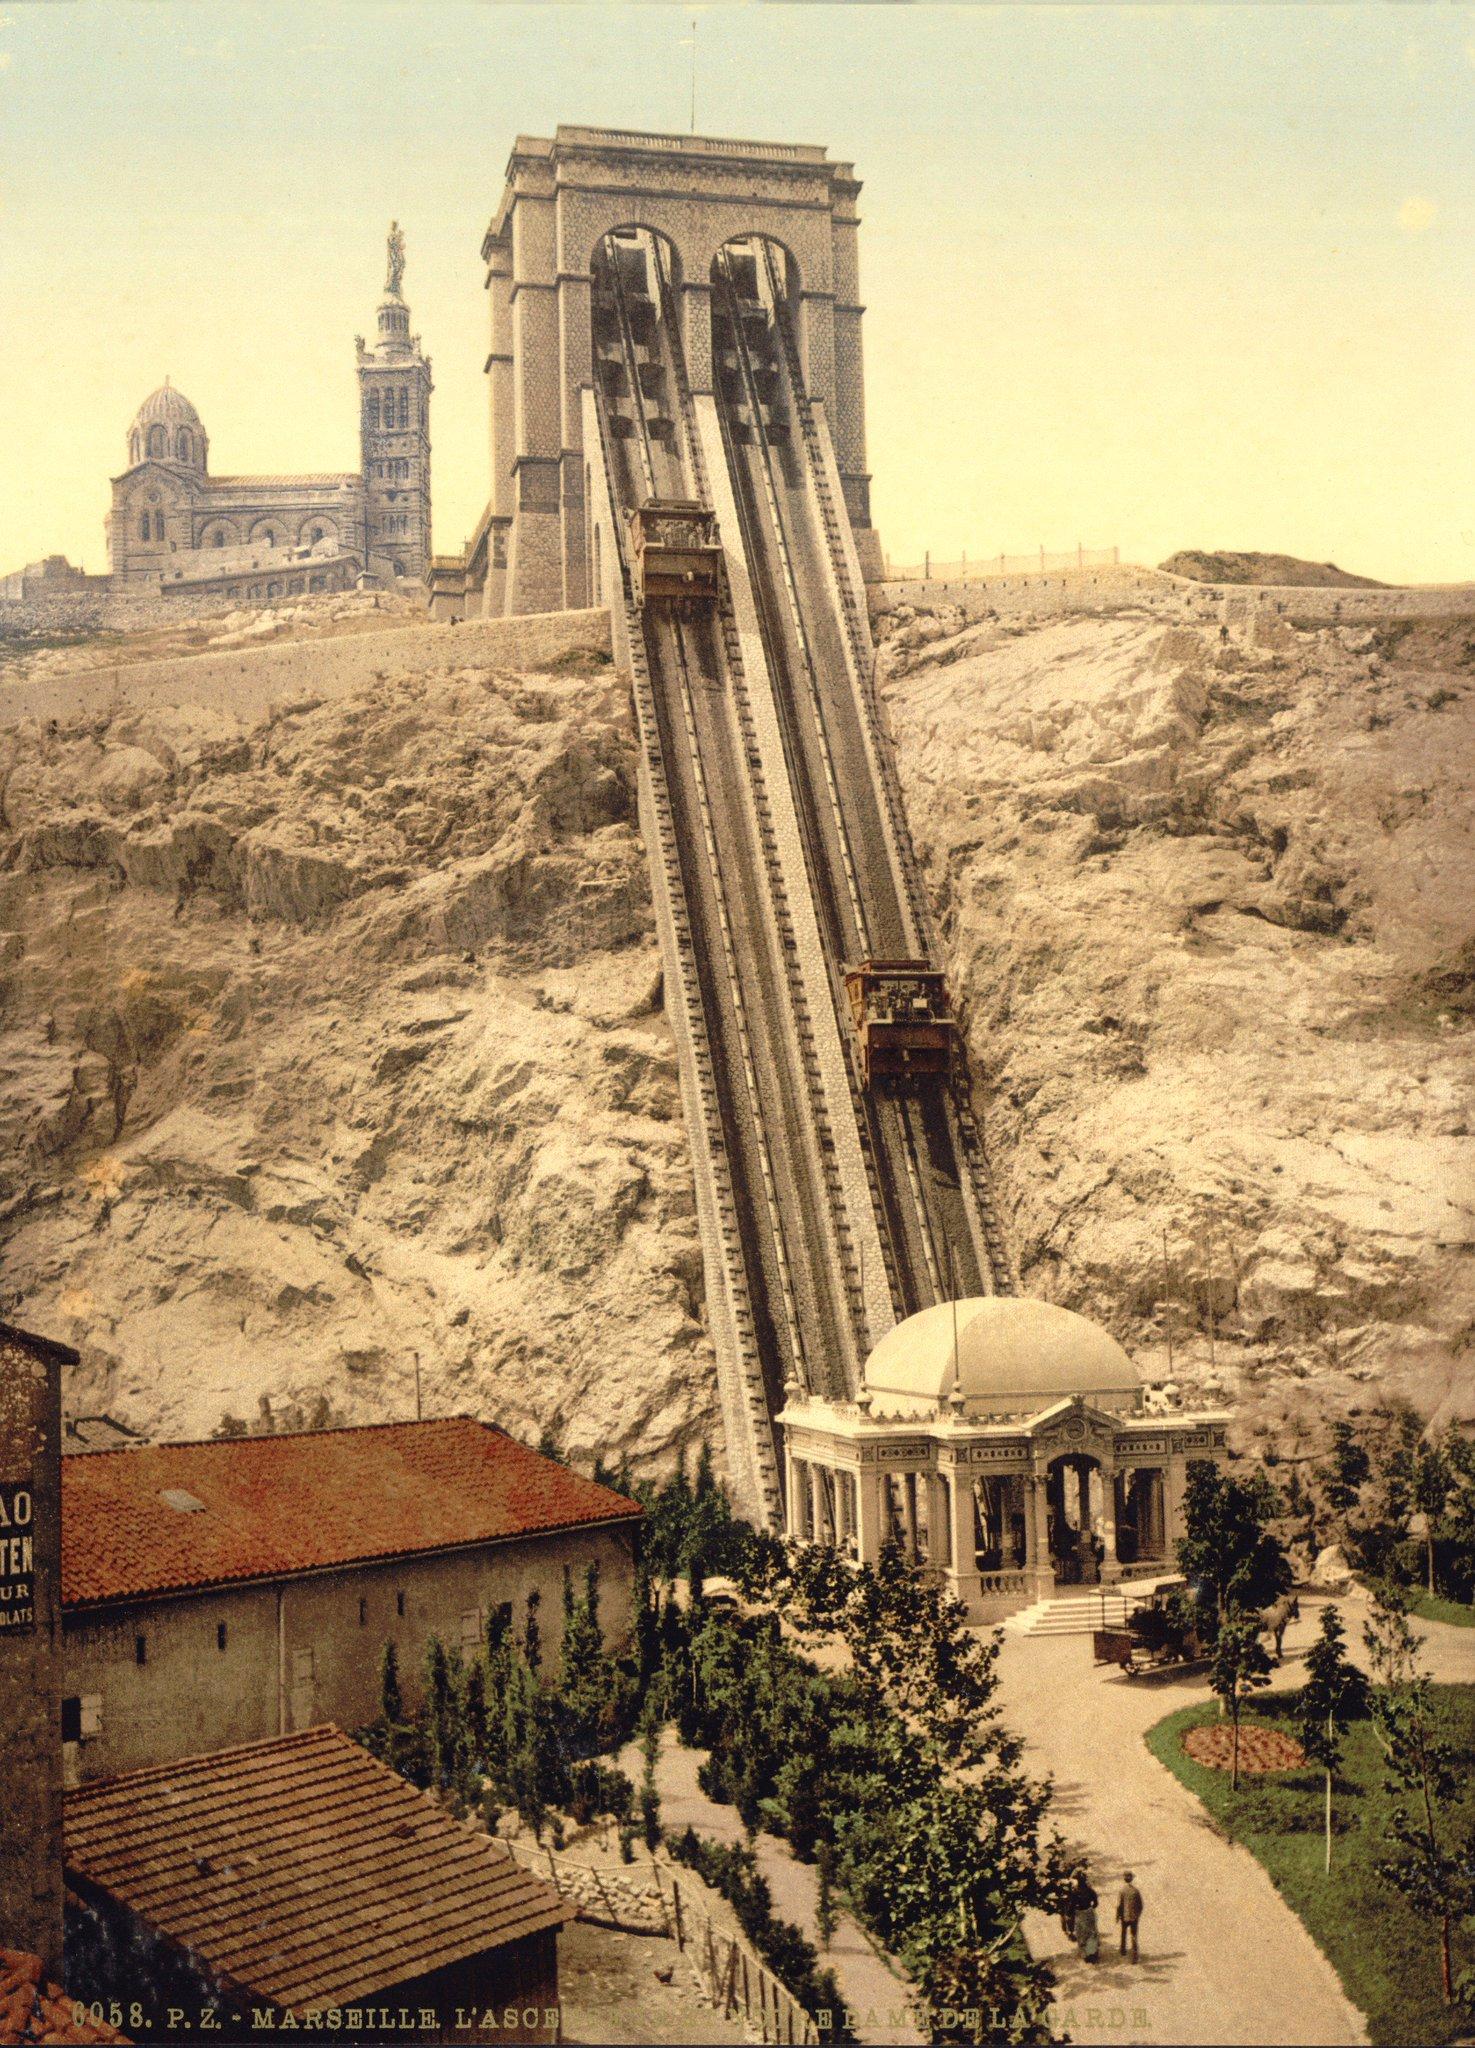 On salue l'ingénieur Emile Maslin qui conçut cet objet mythique de #Marseille détruit en 1974 https://t.co/LyBAza59oL